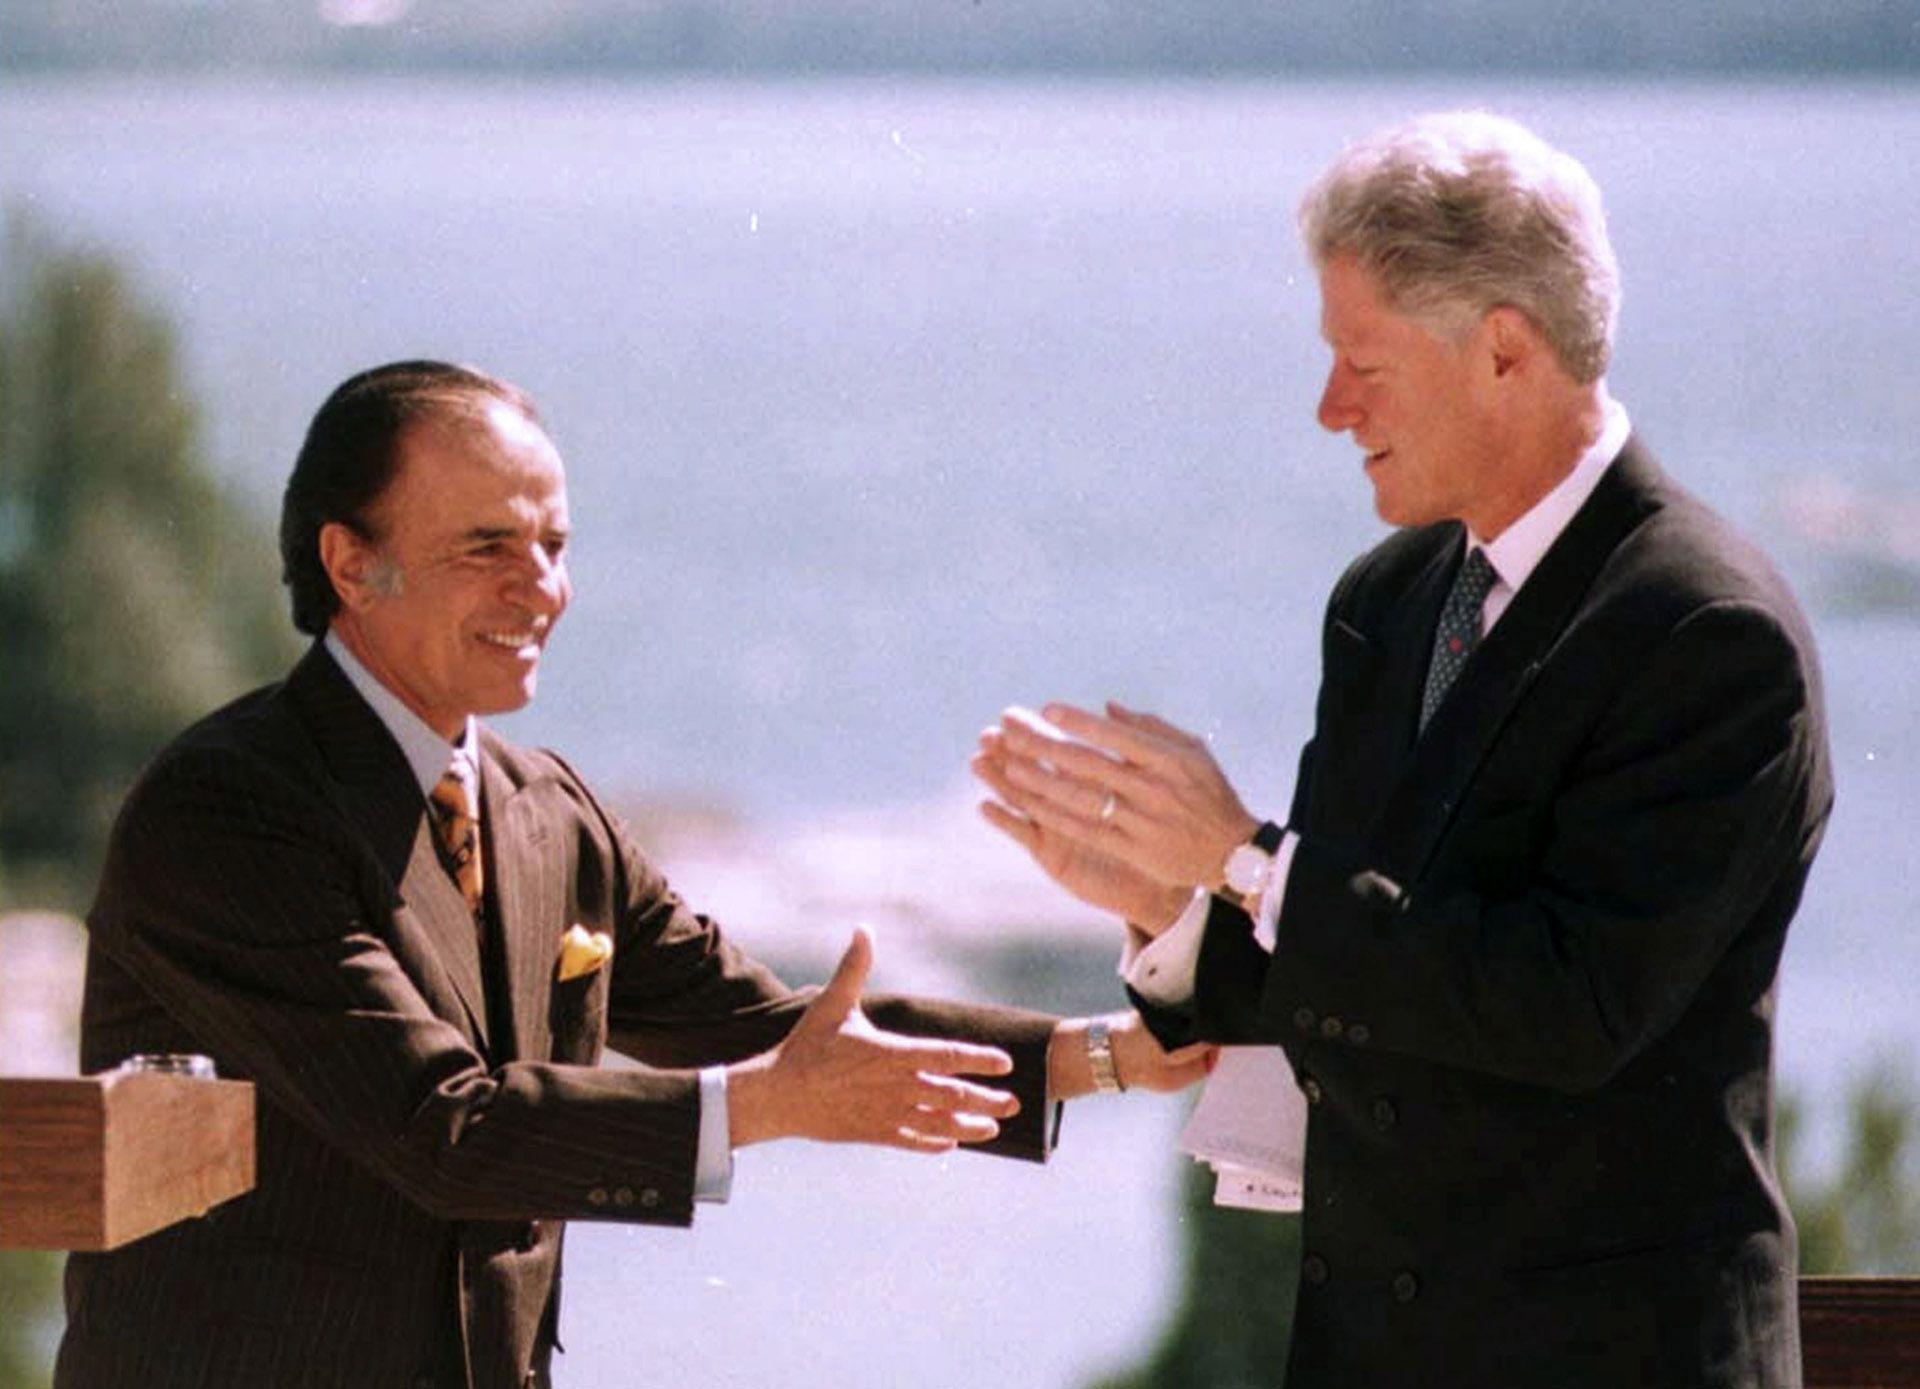 En octubre de 1997, el presidente de EE.UU, Bill Clinton, visitó la Argentina. Sus principales temas de agenda fueron comerciales, de combate del narcotráfico y la corrupción que ya ensombrecía su gobierno. Menem rompió el protocolo y fue a recibirlo a Ezeiza. Durante su visita se firmaron 8 acuerdos bilatelaras. Pero no hubo consenso sobre la apertura del mercado aéreo, una de las aspiraciones del presidente argentino. (NA: Jose Luis Perrino)